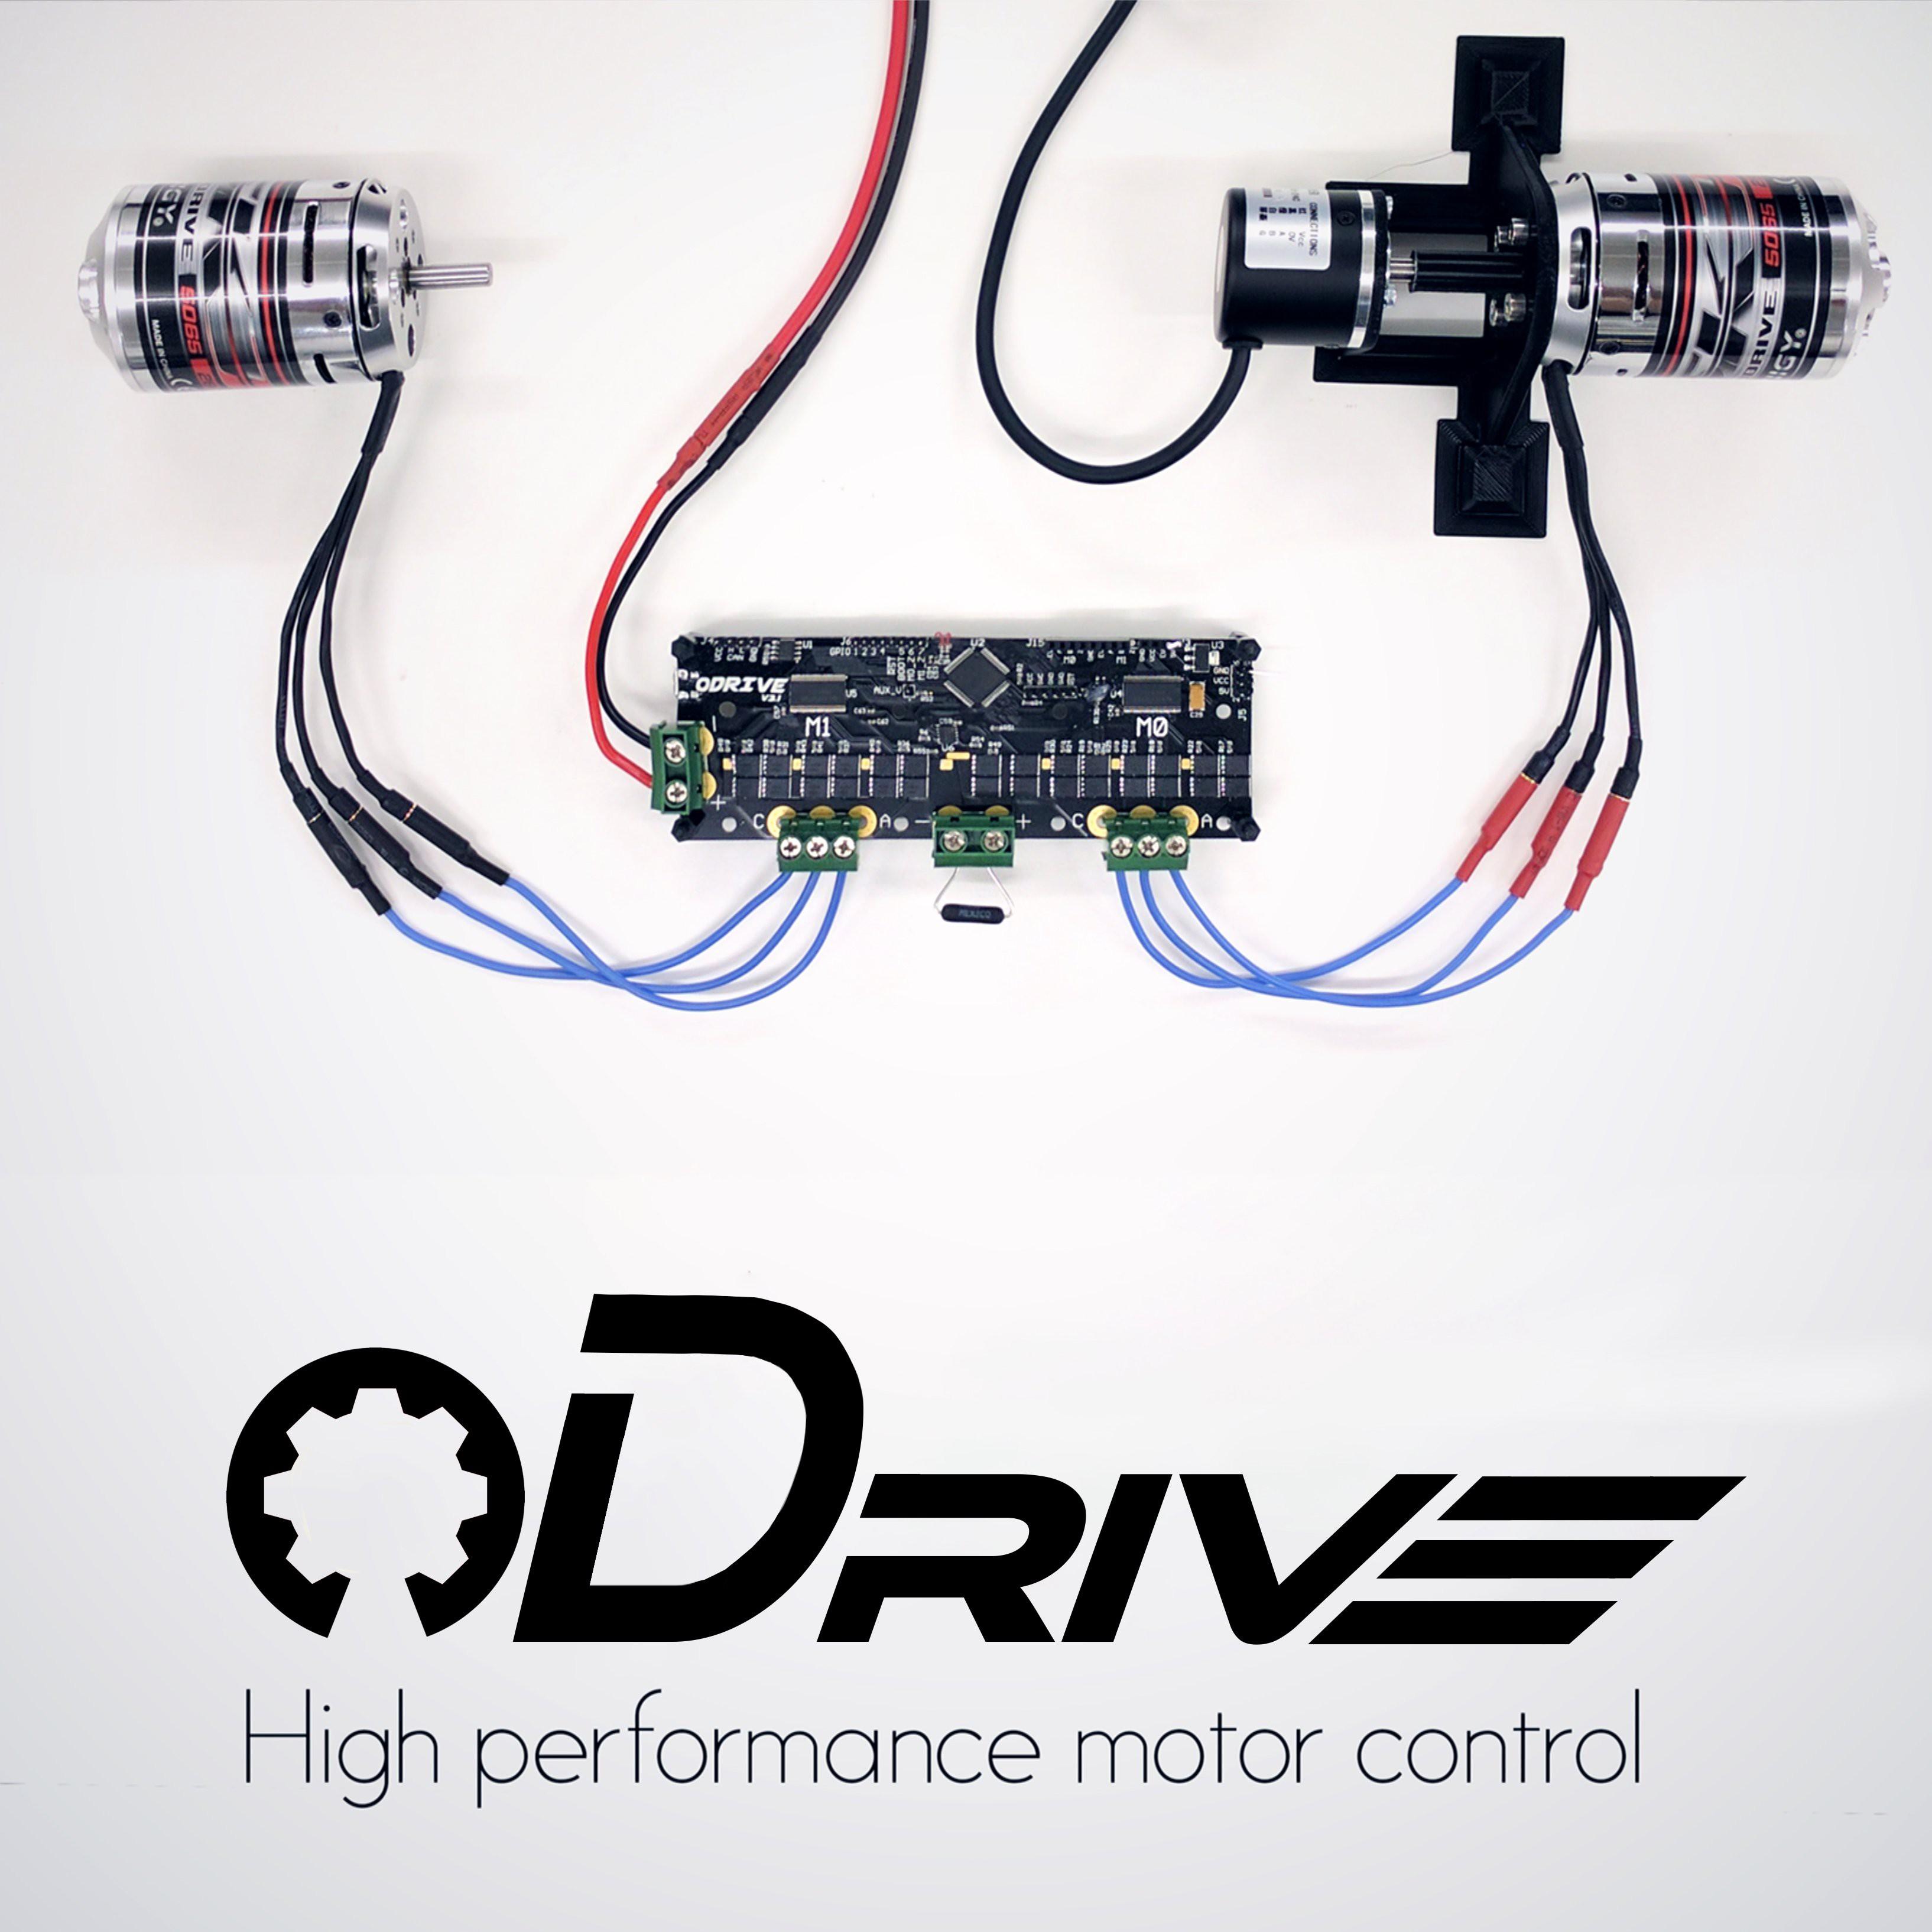 ODrive - 高性能电机控制